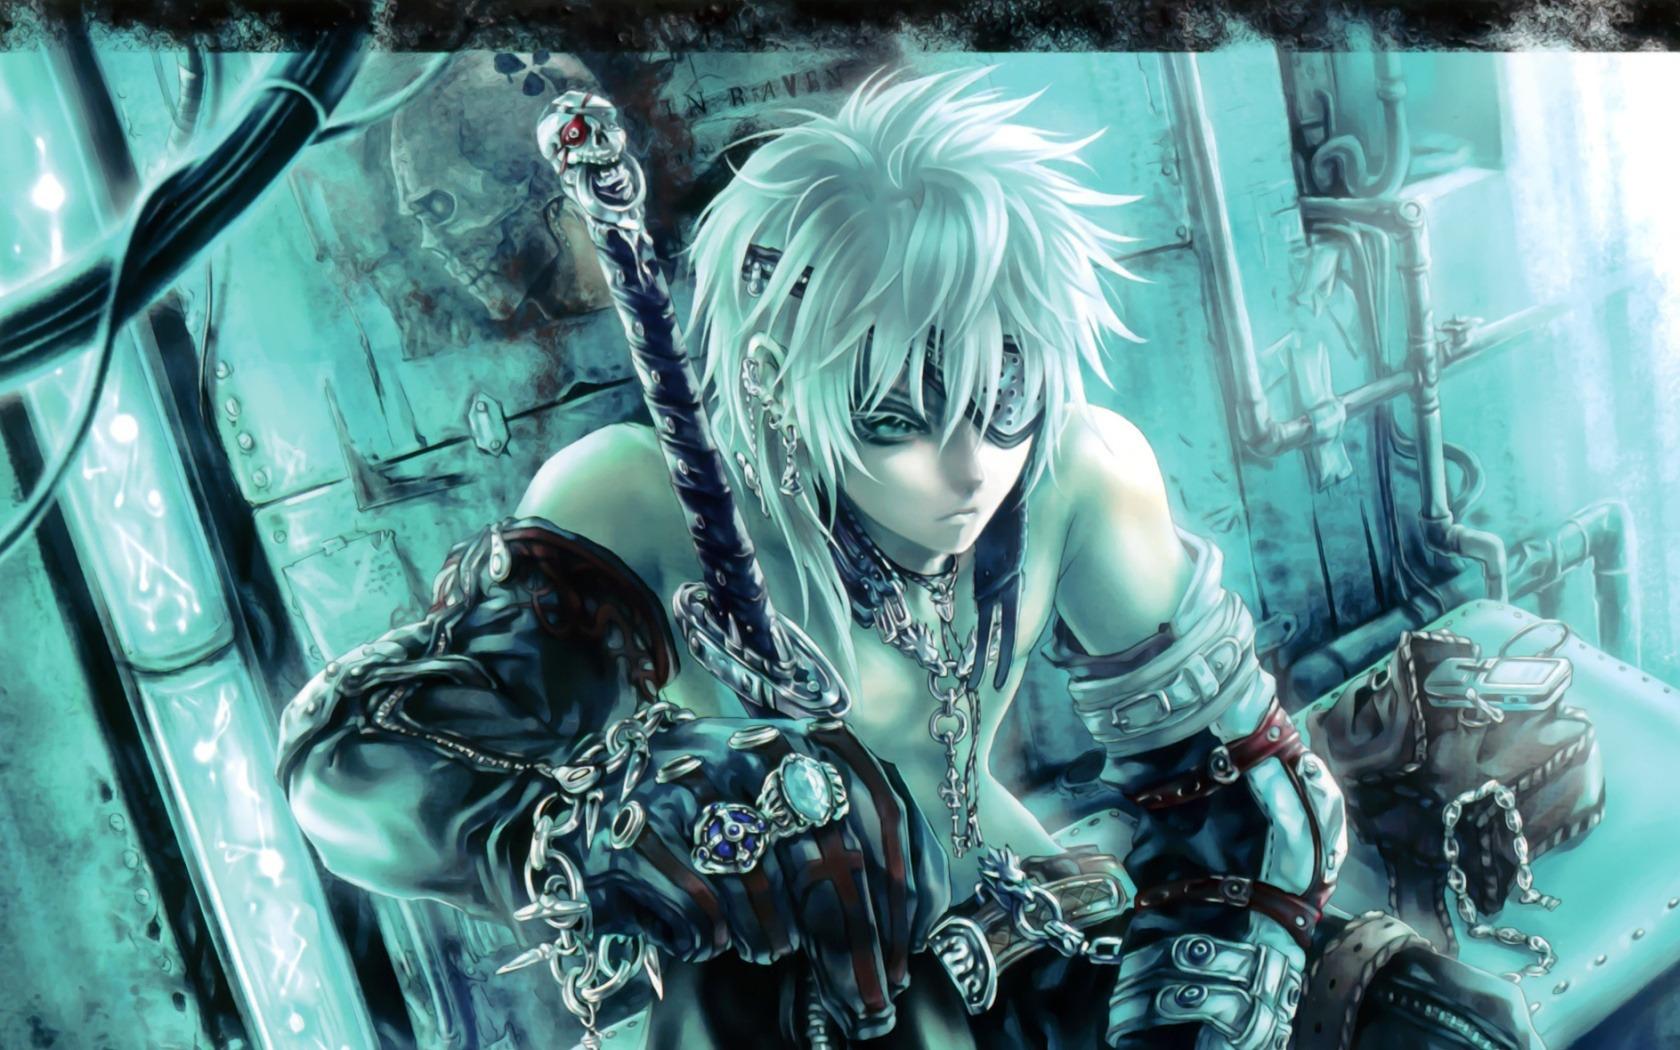 ... anime-voin-mech-cep-kolca-warrior-images ...